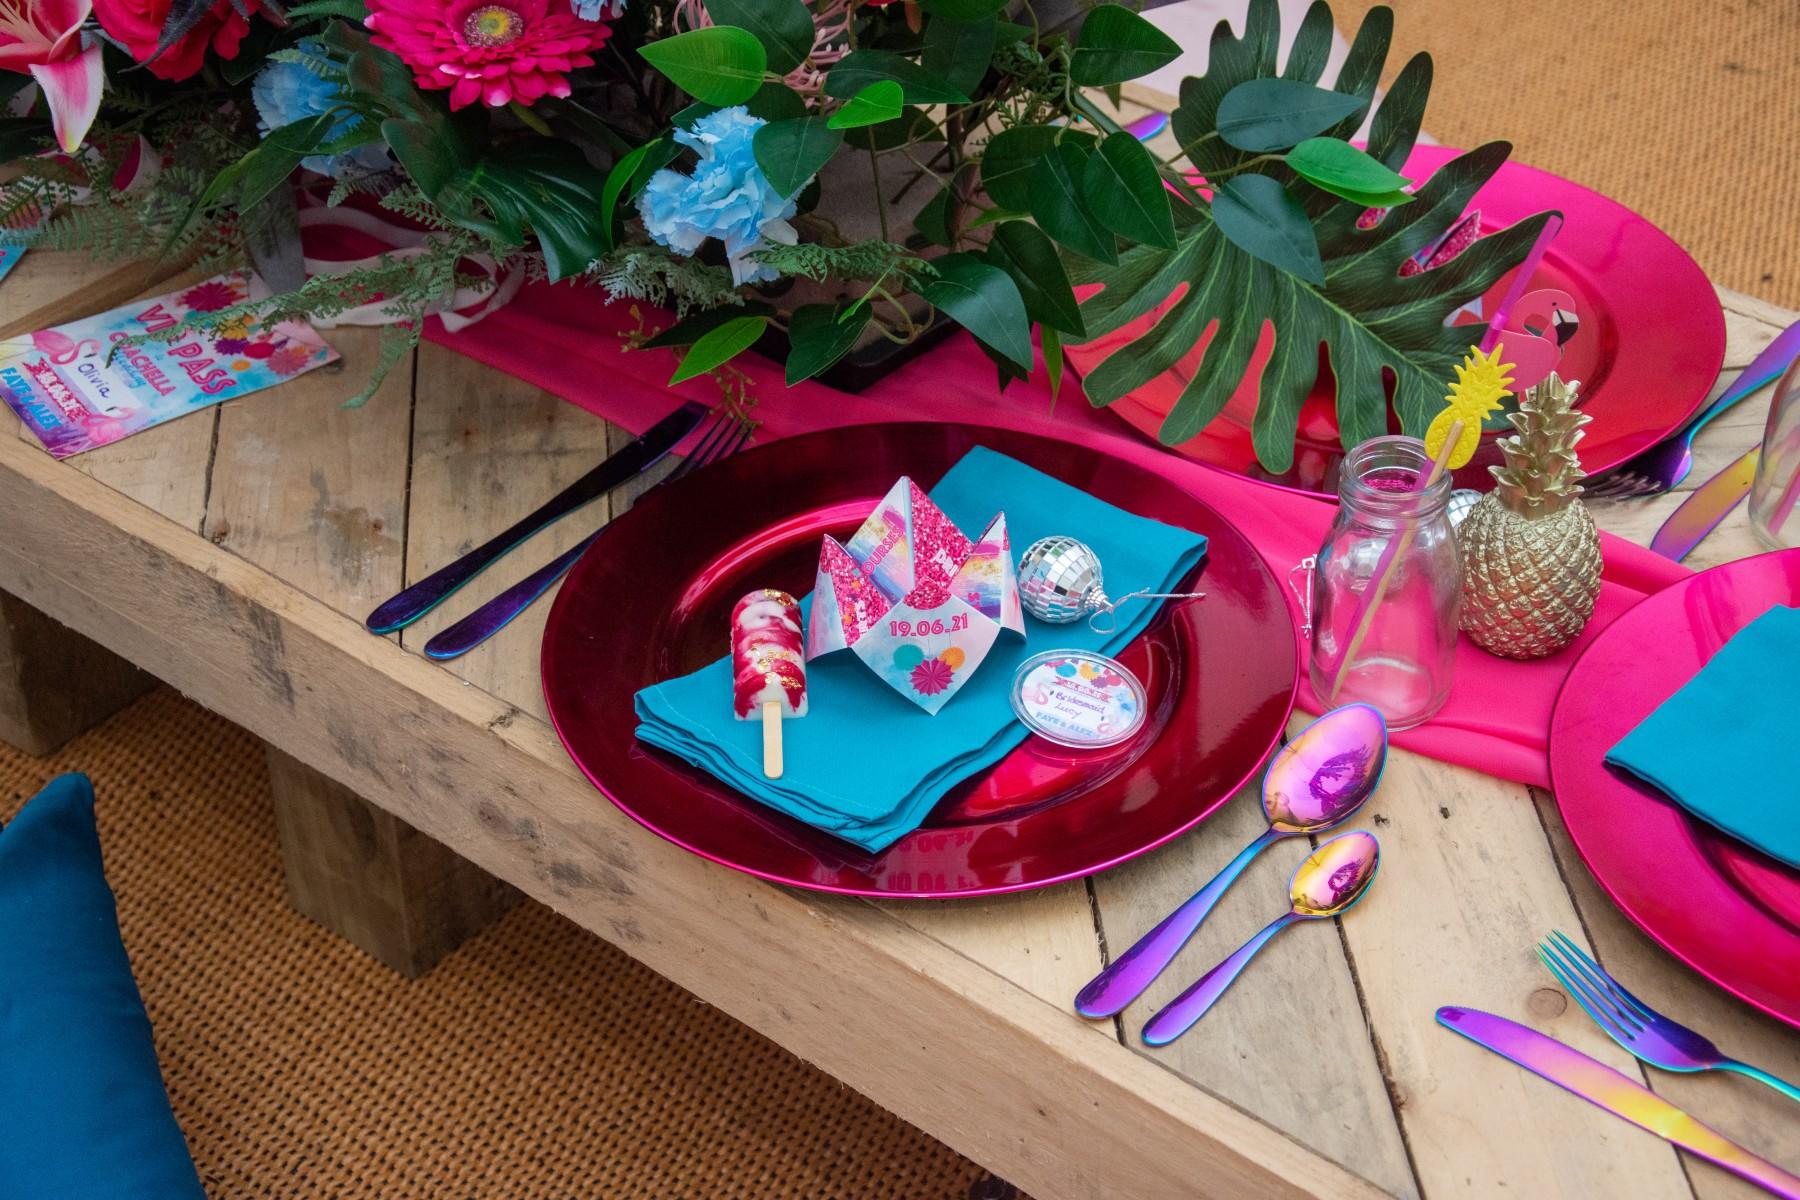 colourful festival wedding - tropical wedding styling - rainbow wedding table - fun wedding styling